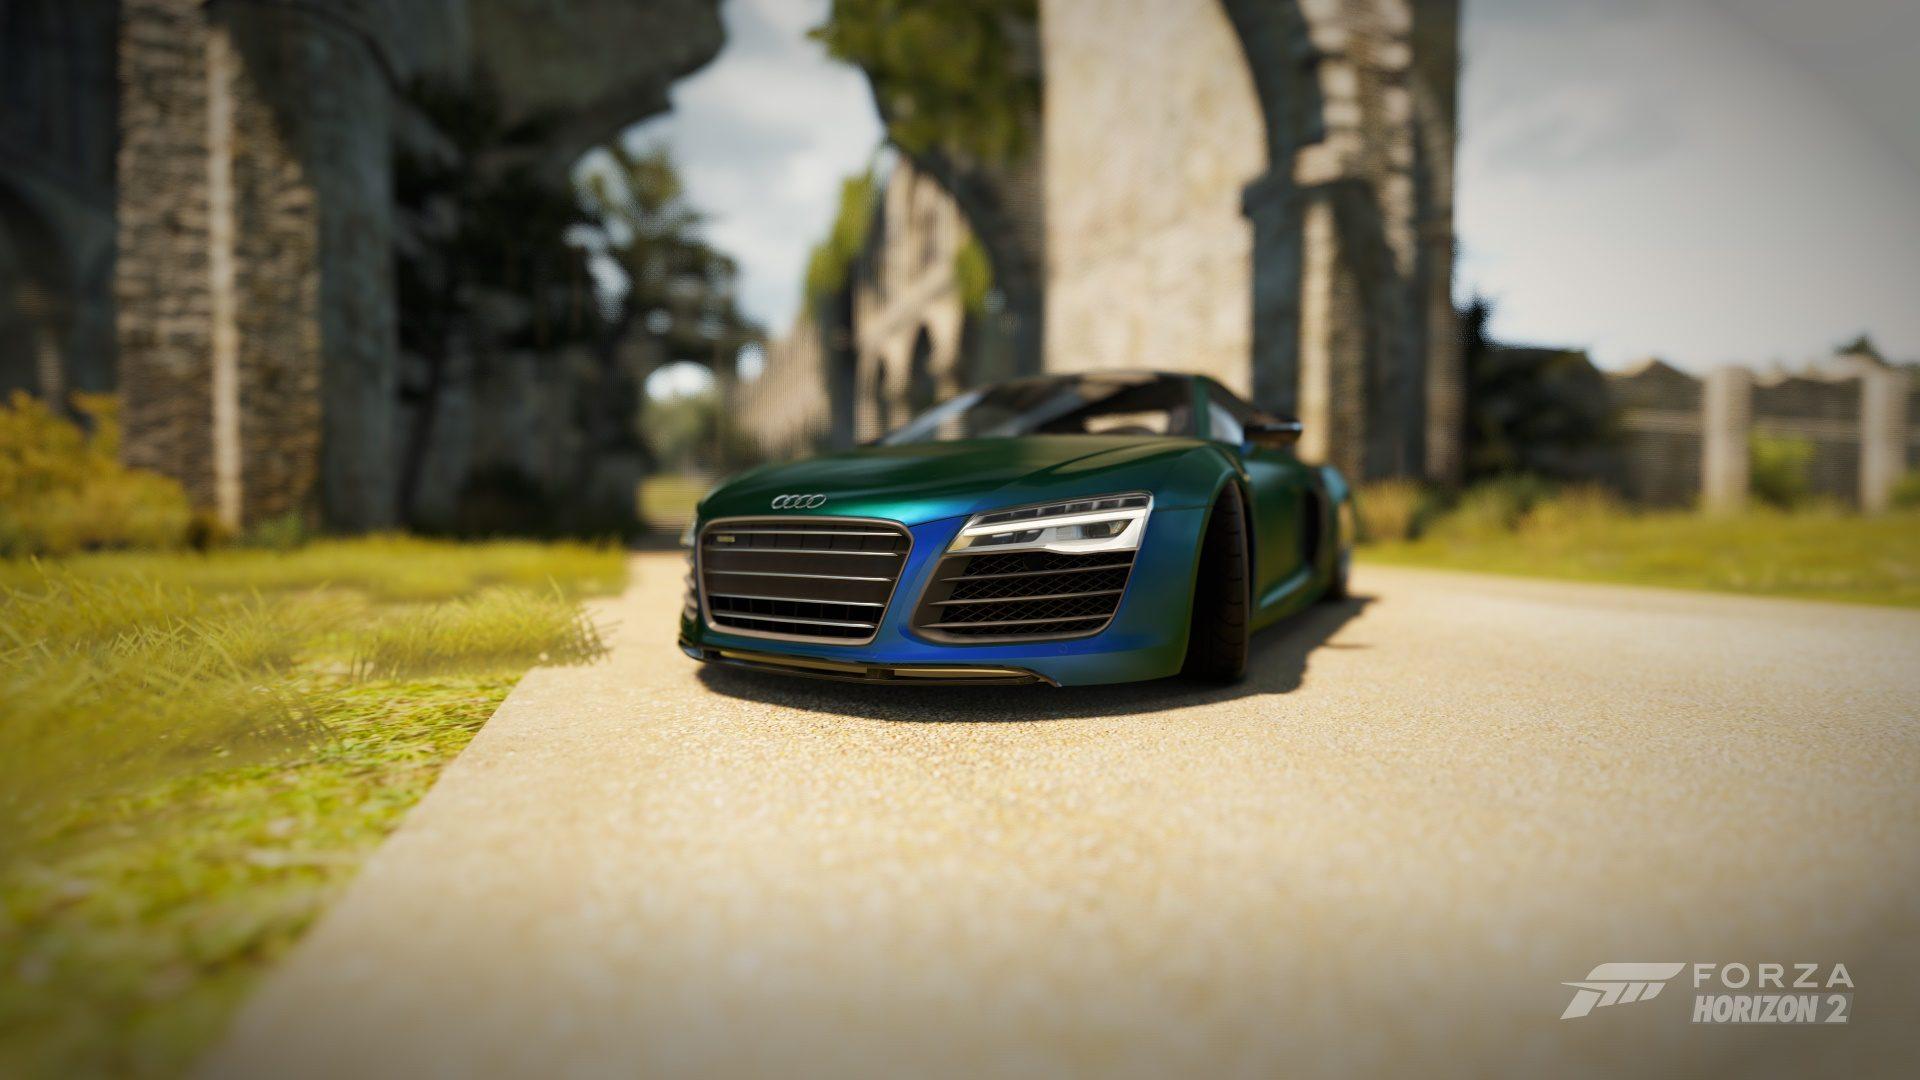 R8 front beauty.jpg